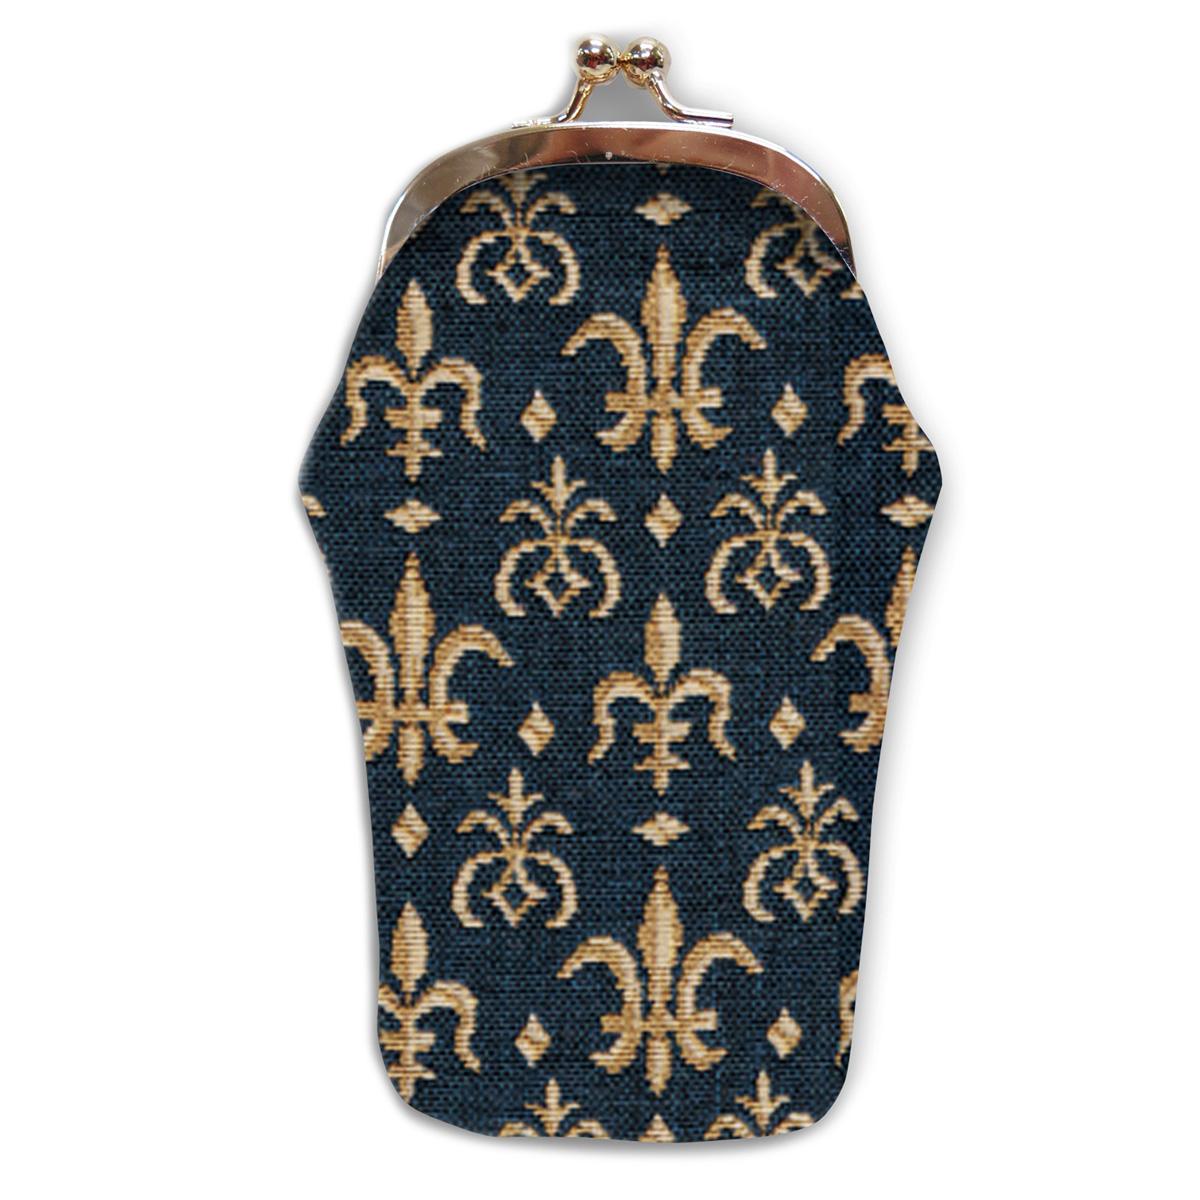 Etui à lunettes artisanal \'Royal Tapisserie\' bleu doré (Lys) - 18x8 cm - [A0315]